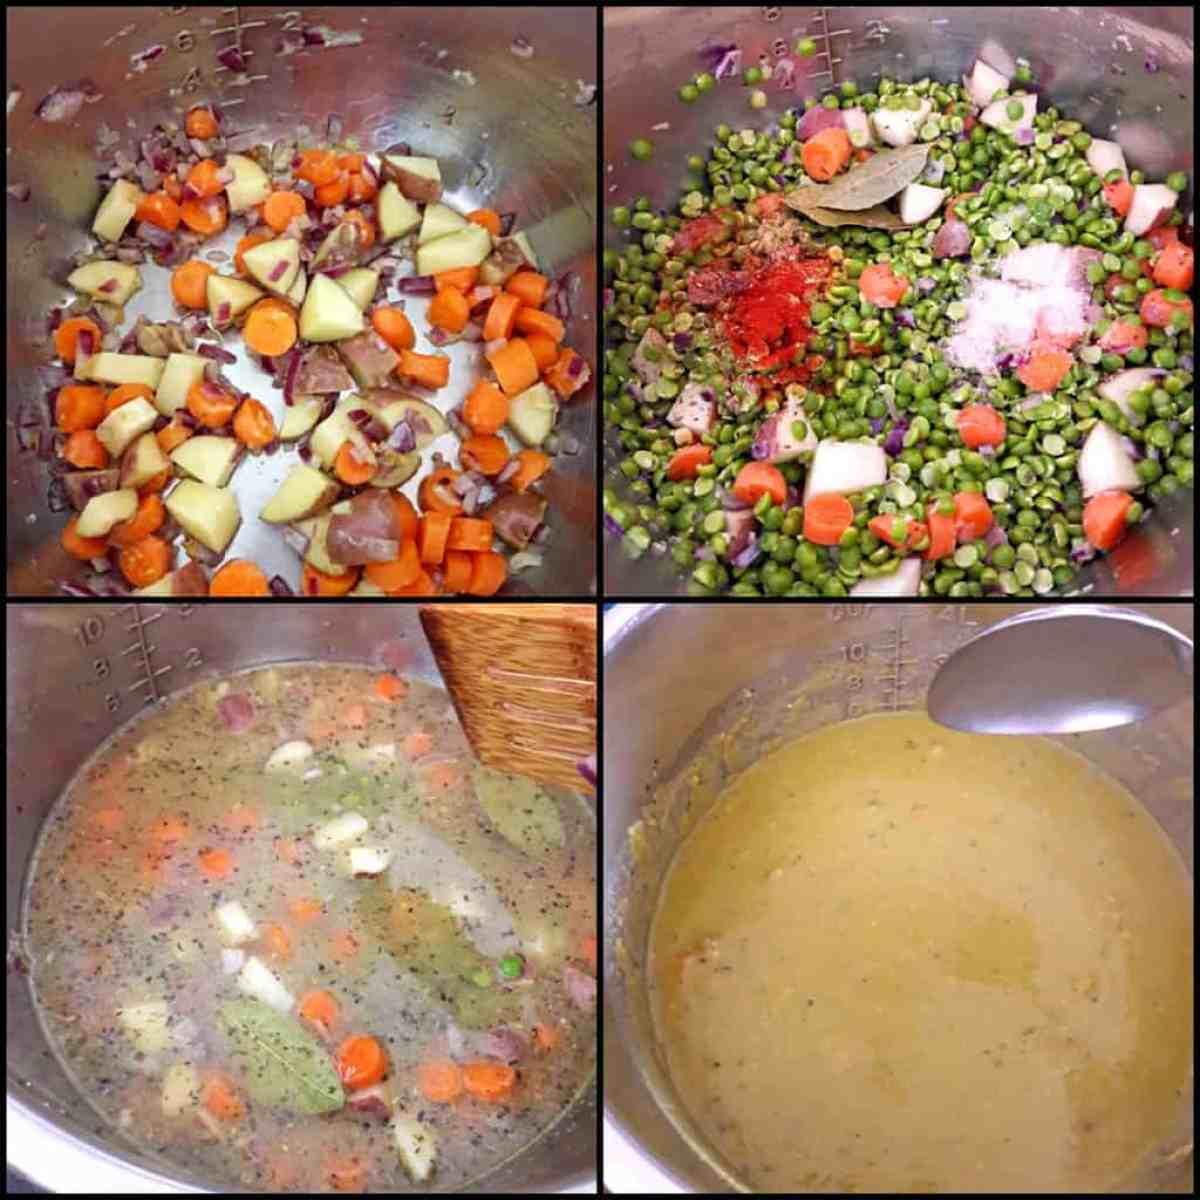 Spilt Pea Soup Instructions